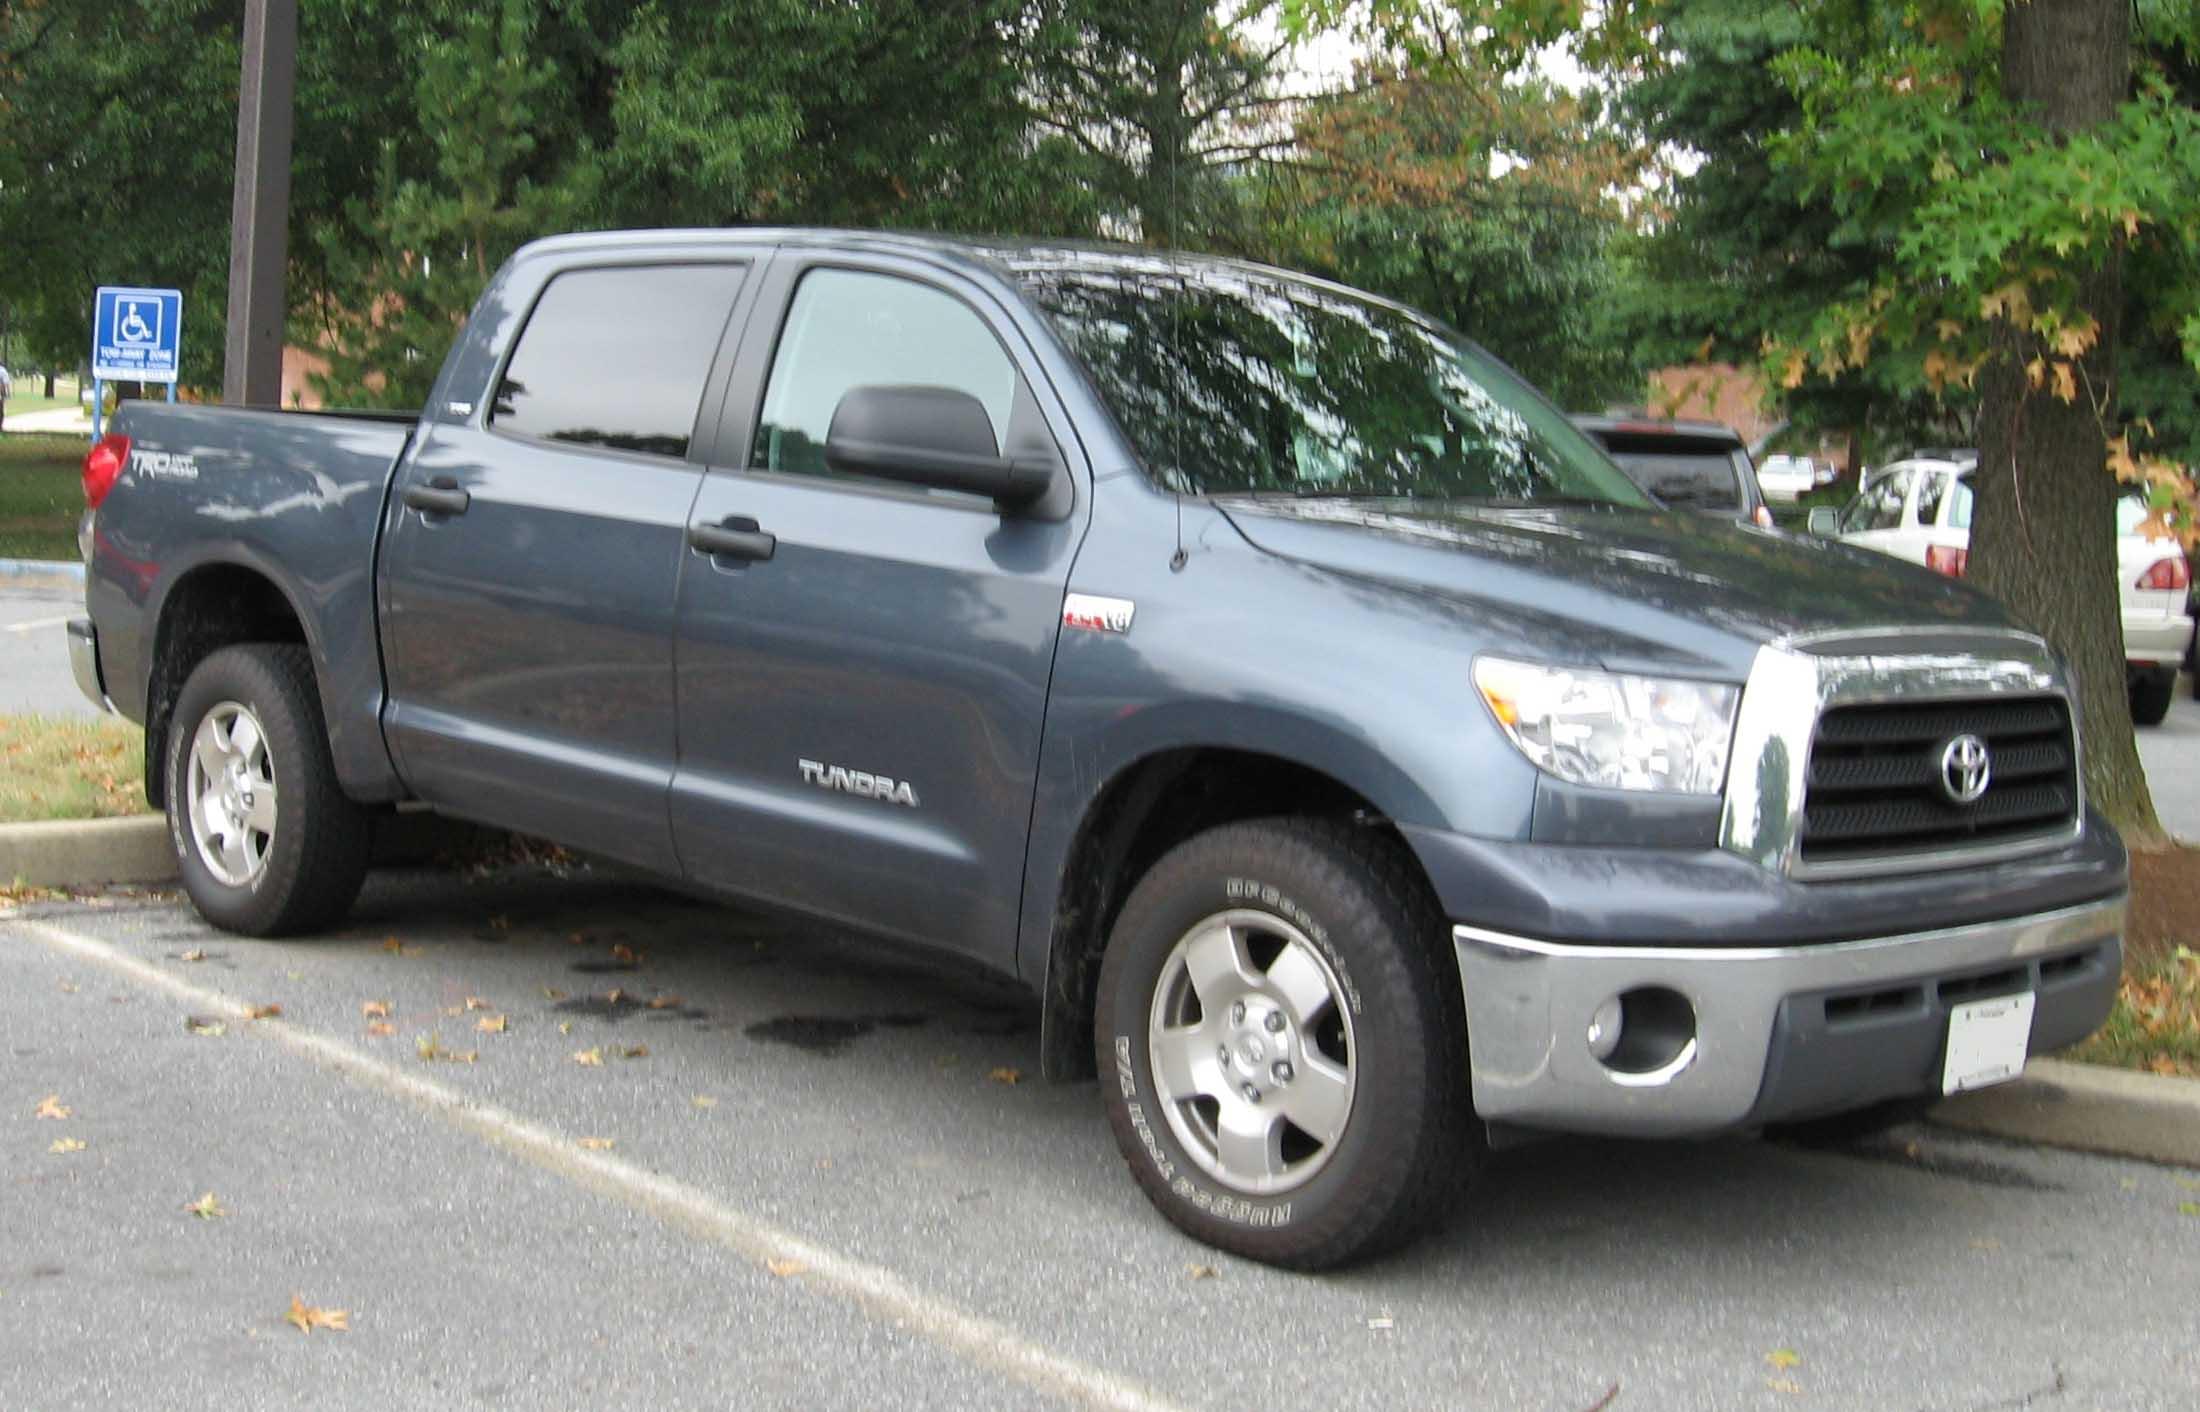 File:2007 Toyota Tundra Crew Max